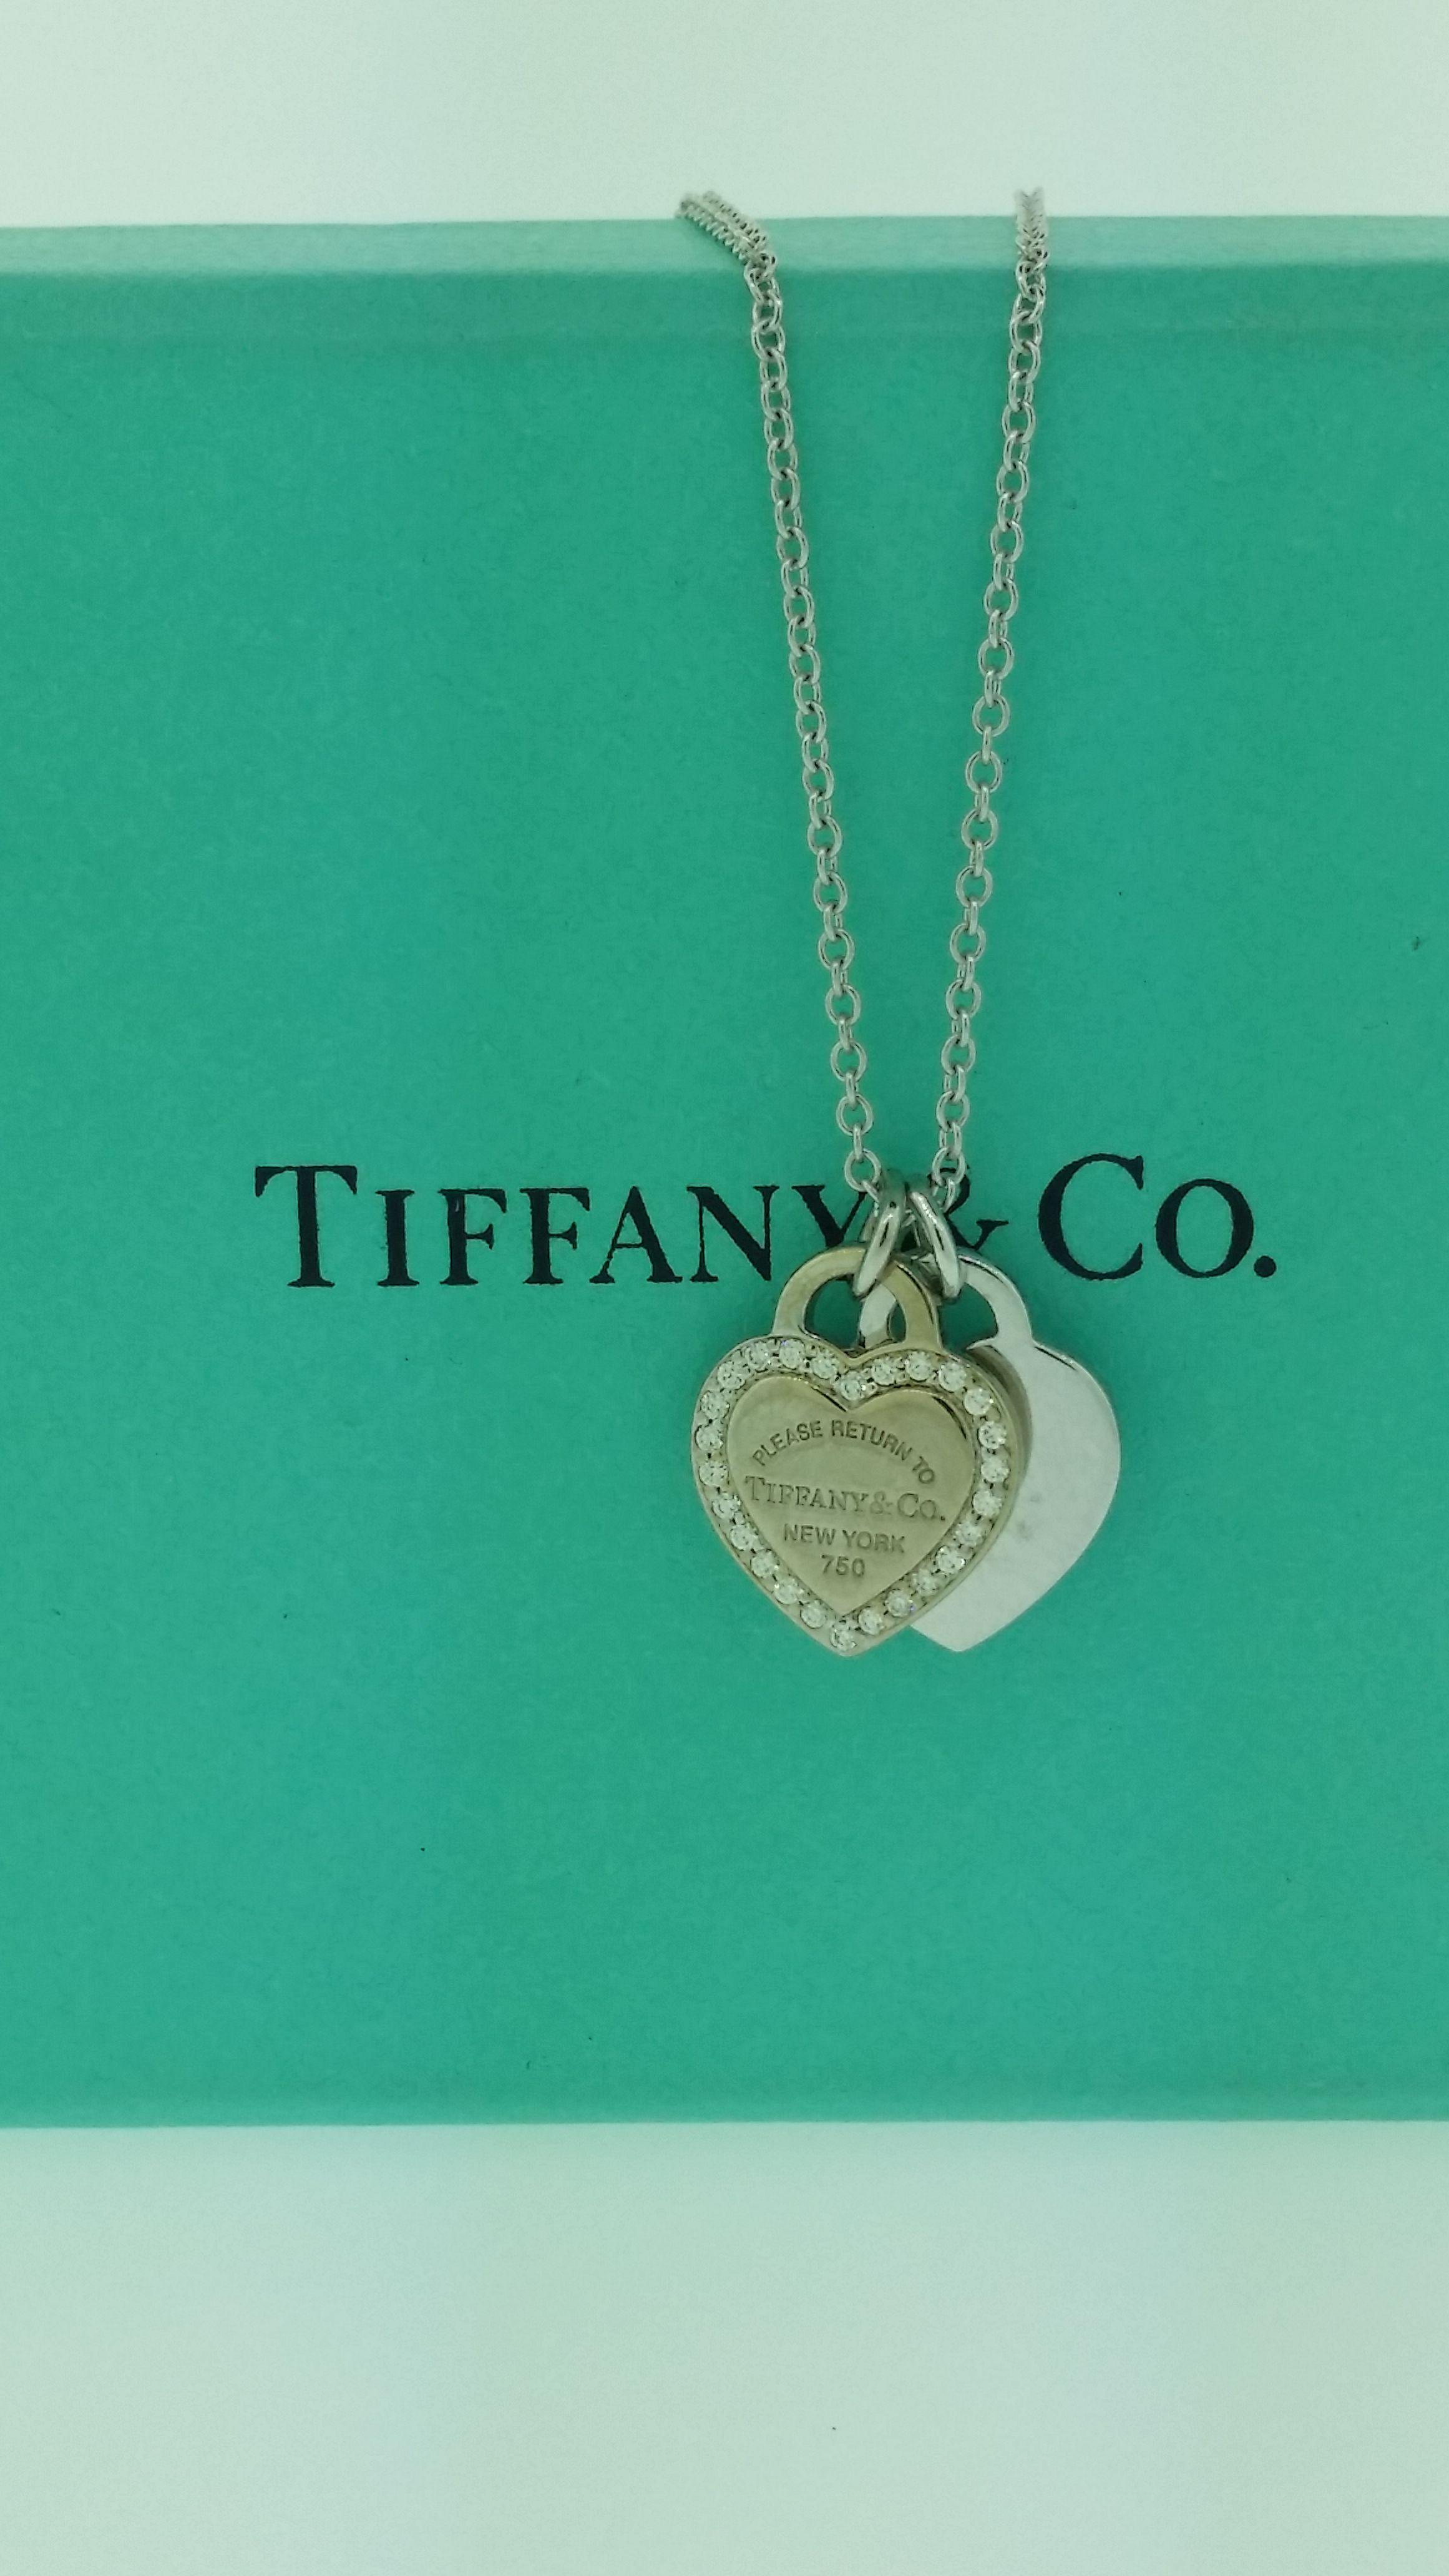 a37bfe8bc Tiffany & Co. Double Heart Tag Pendant